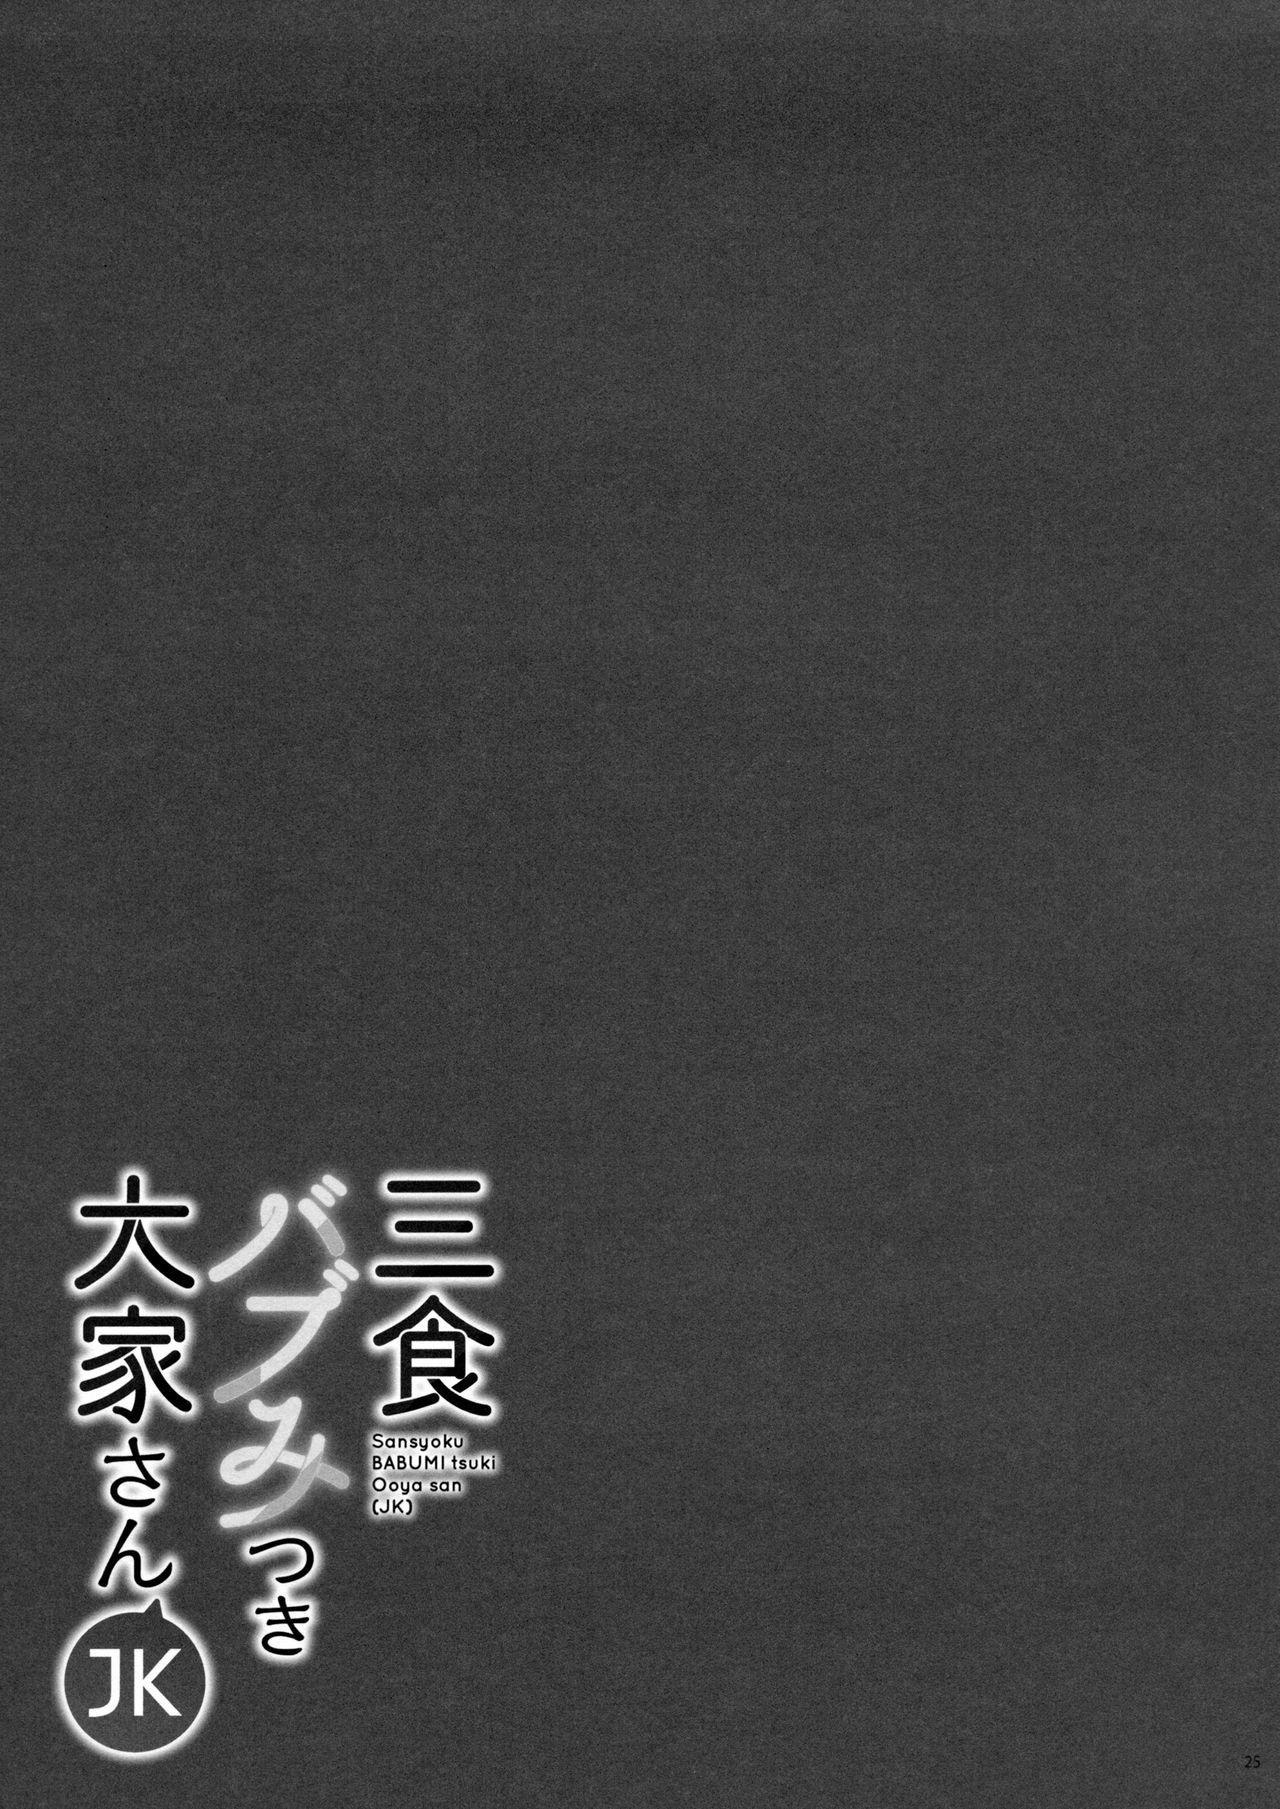 Sansyoku BABUMI tsuki Ooya San 23